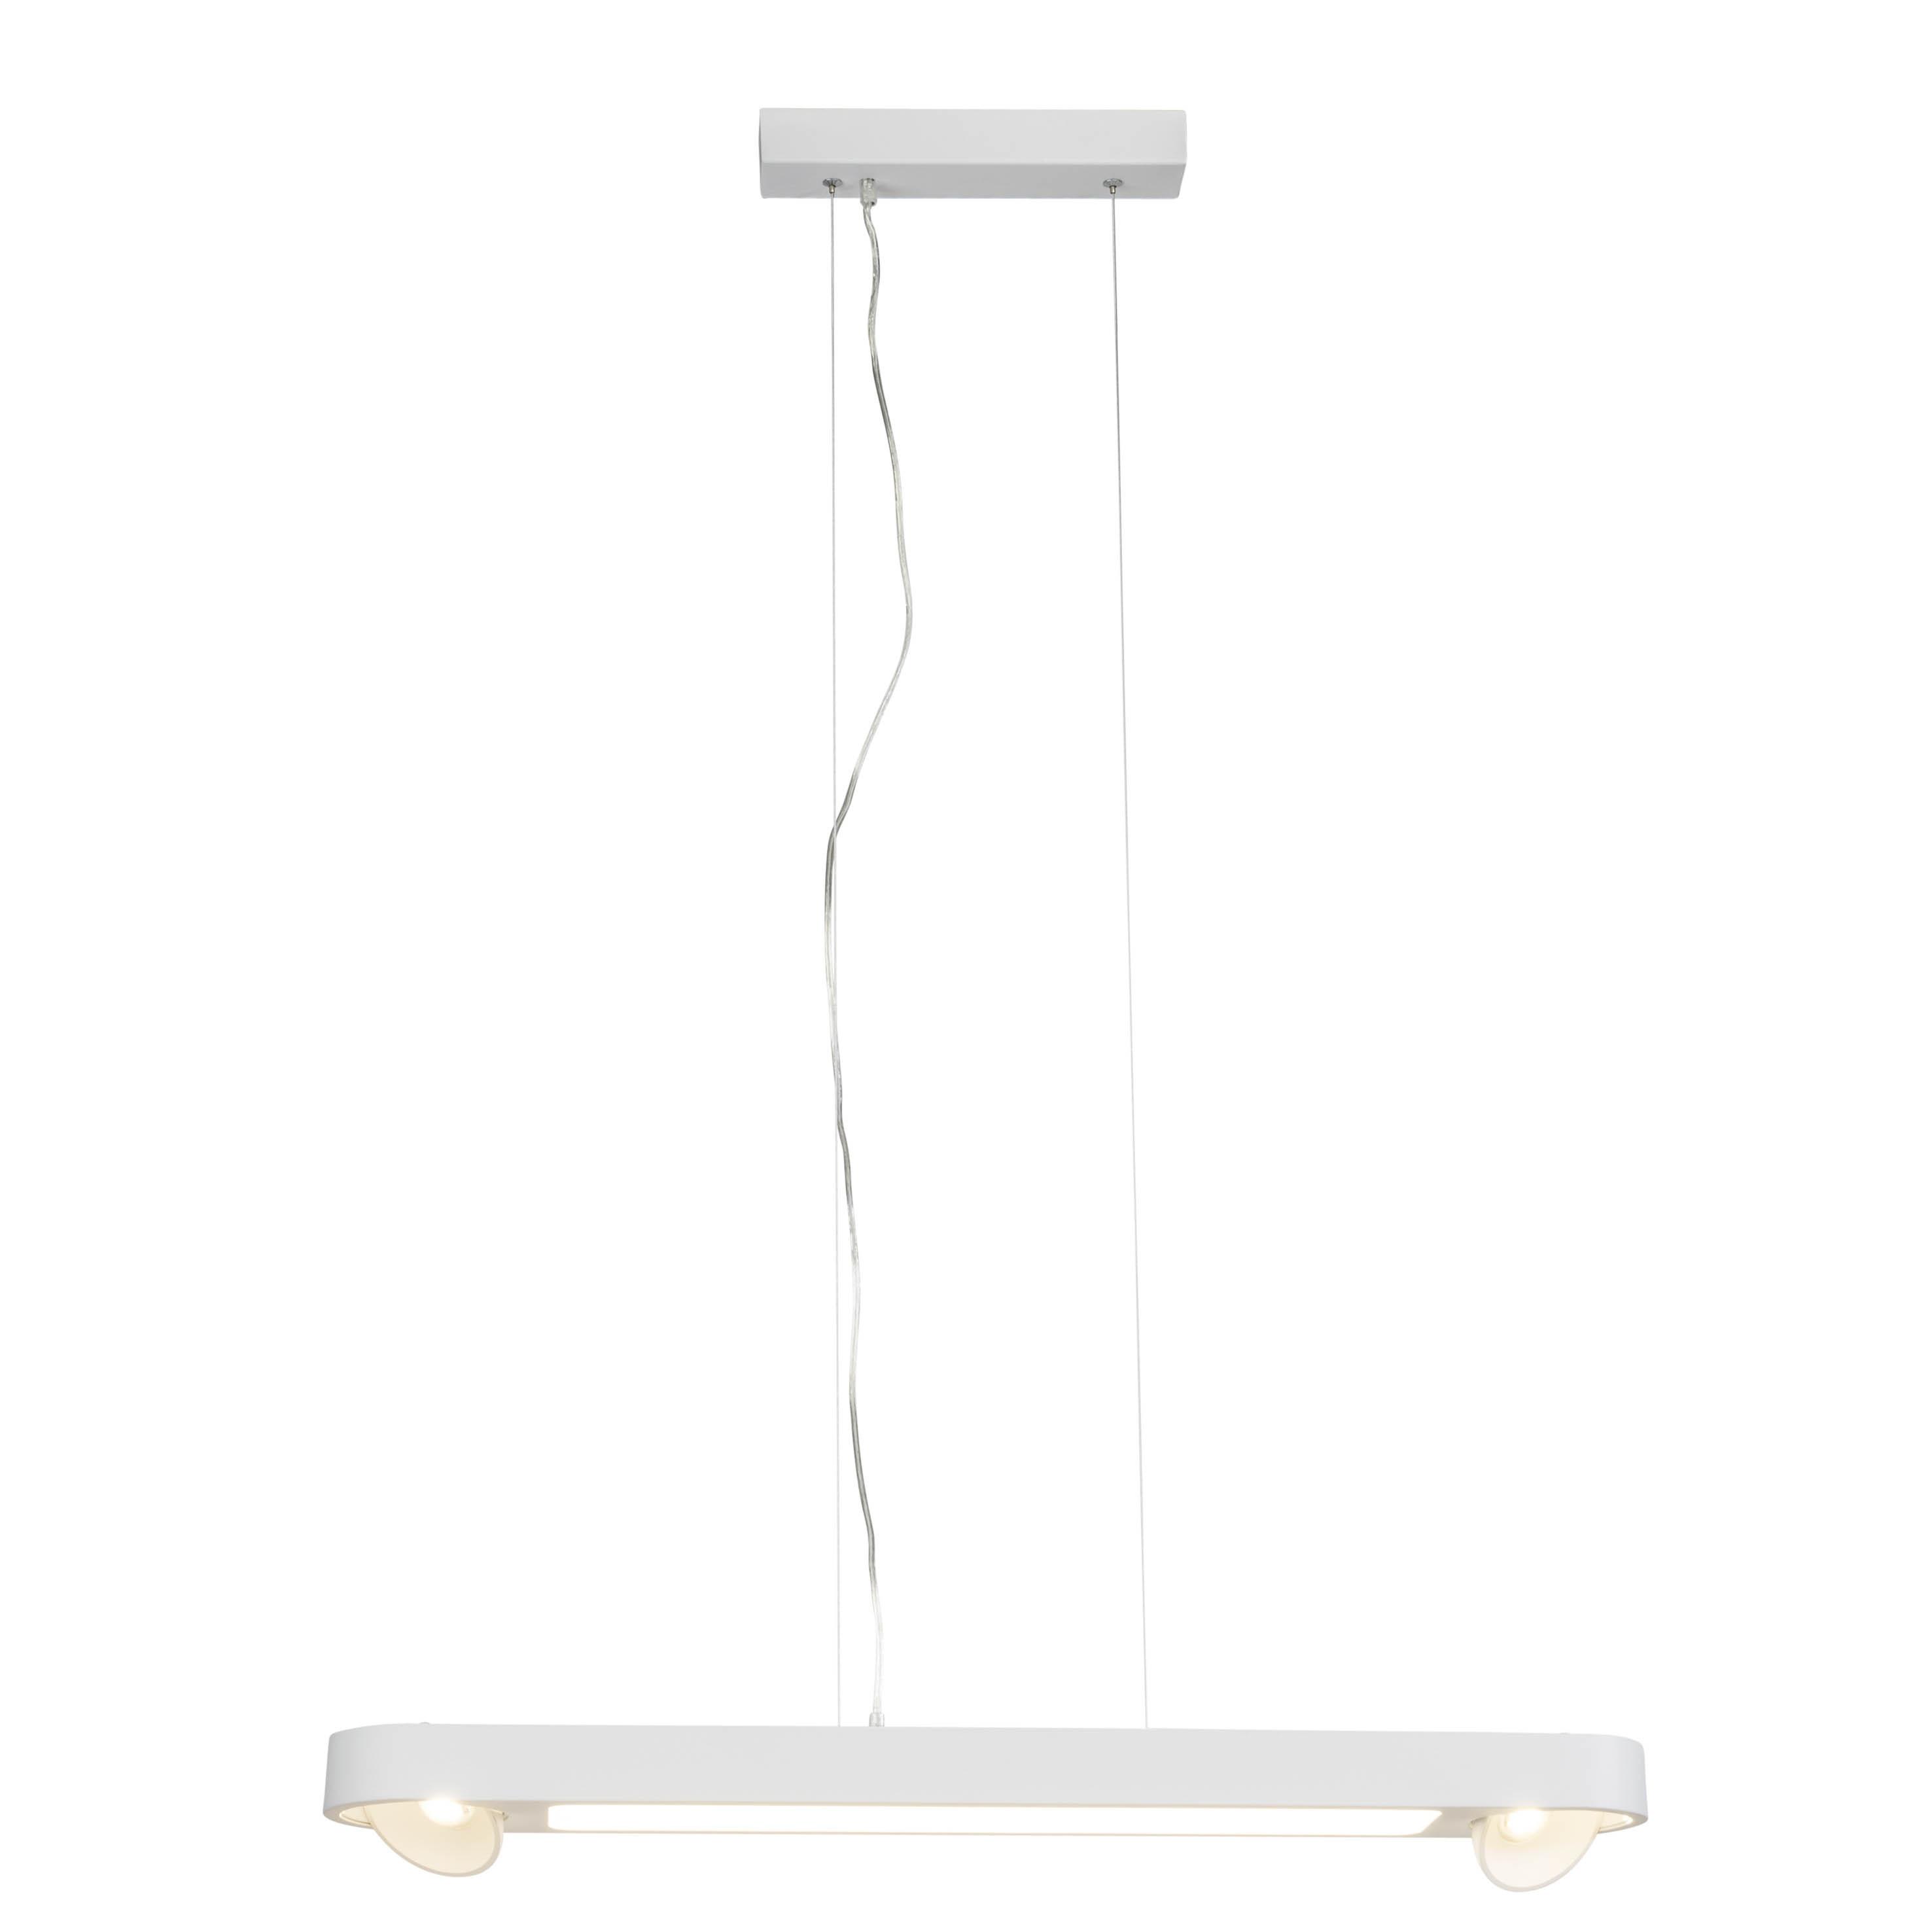 AEG Leca LED Pendelleuchte 85cm 4flg weiß